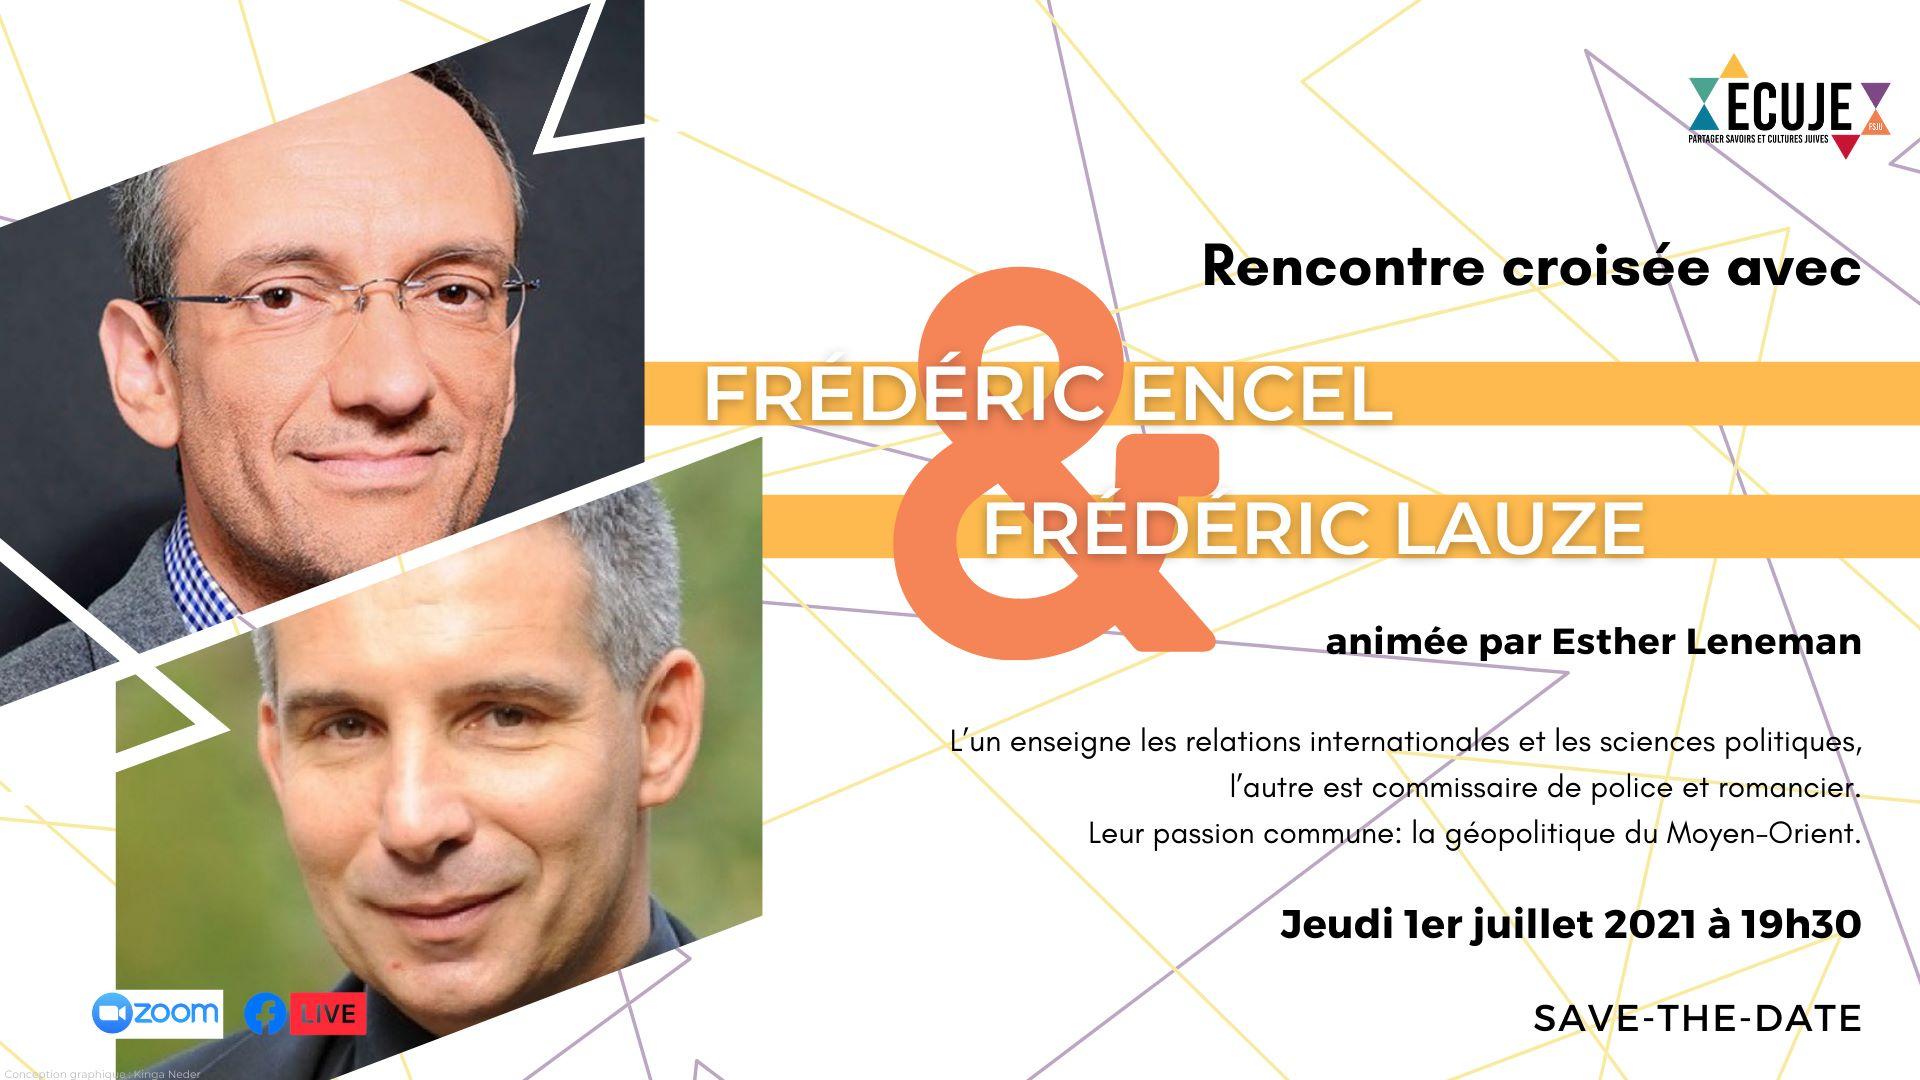 Frédéric Encel et Frédéric Lauze, avec Esther Leneman